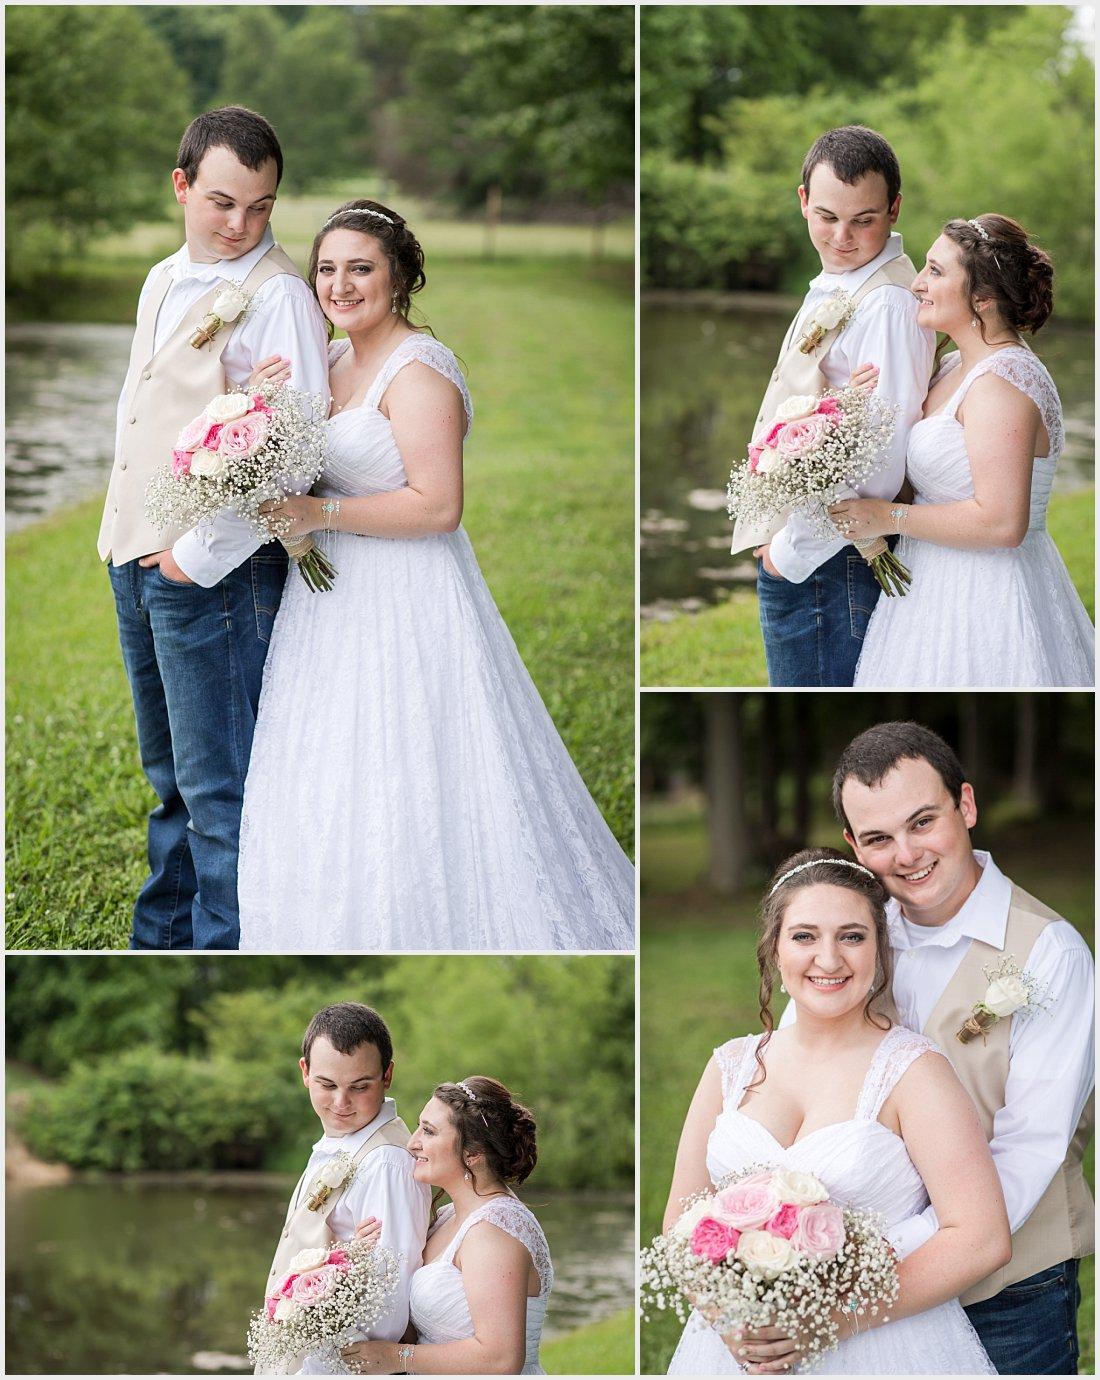 silver-city-farm-wedding-15